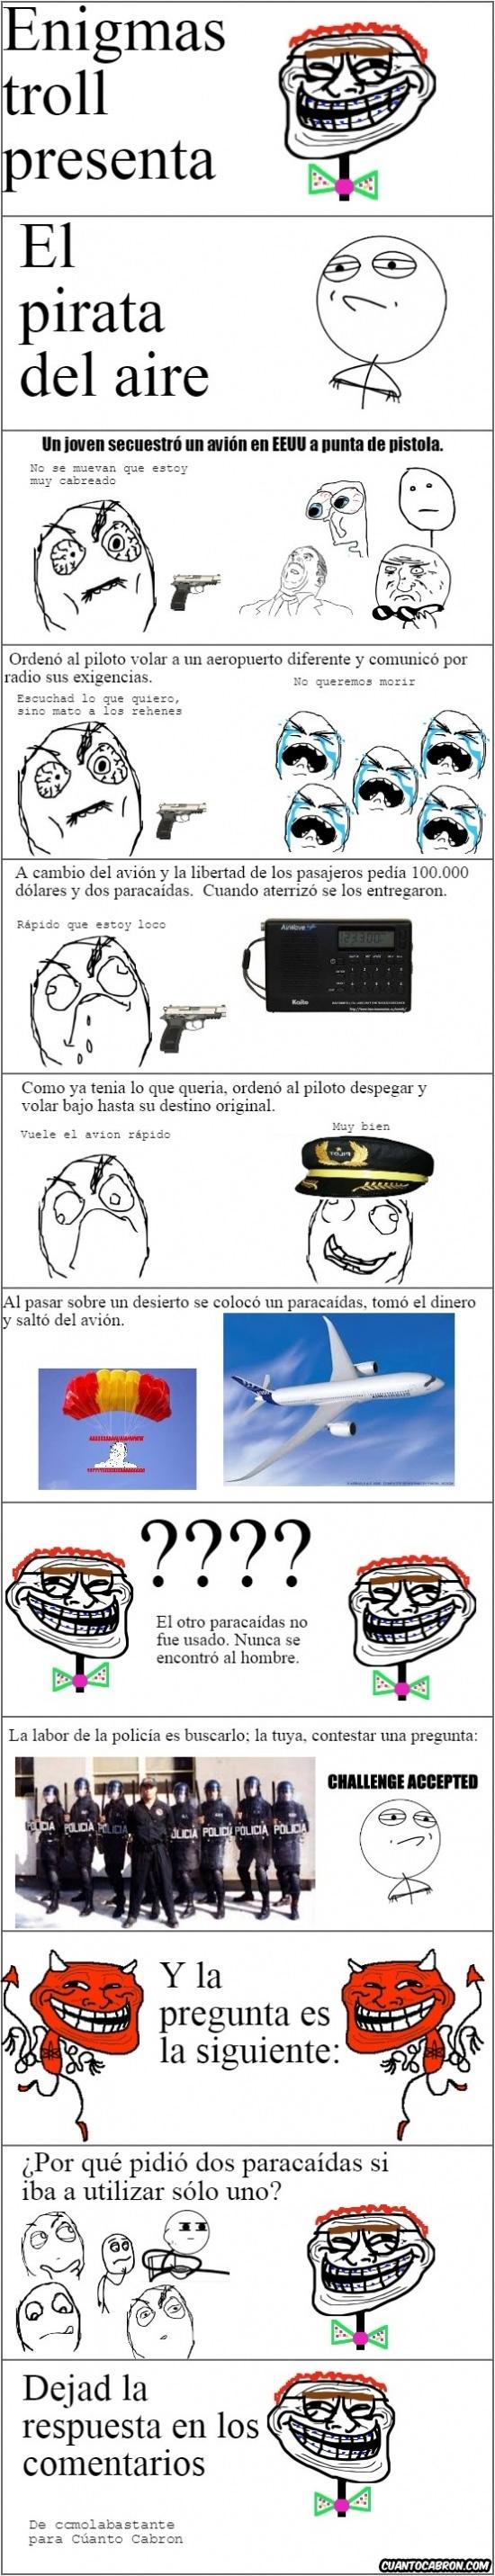 Trollface - El misterio del pirata del aire